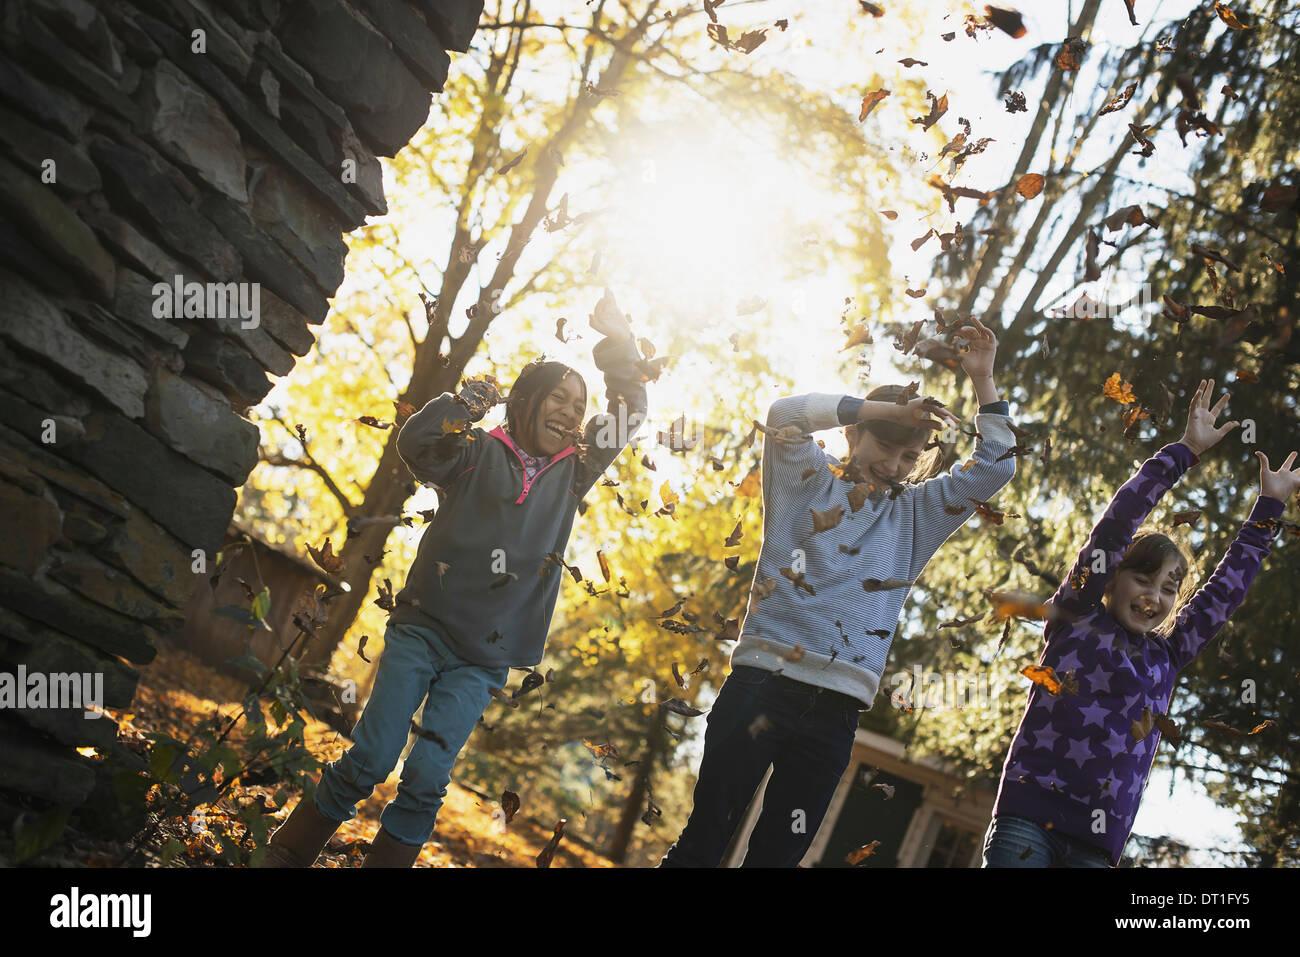 Tres niños en el otoño sol jugando afuera, arrojando las hojas caídas en el aire Foto de stock